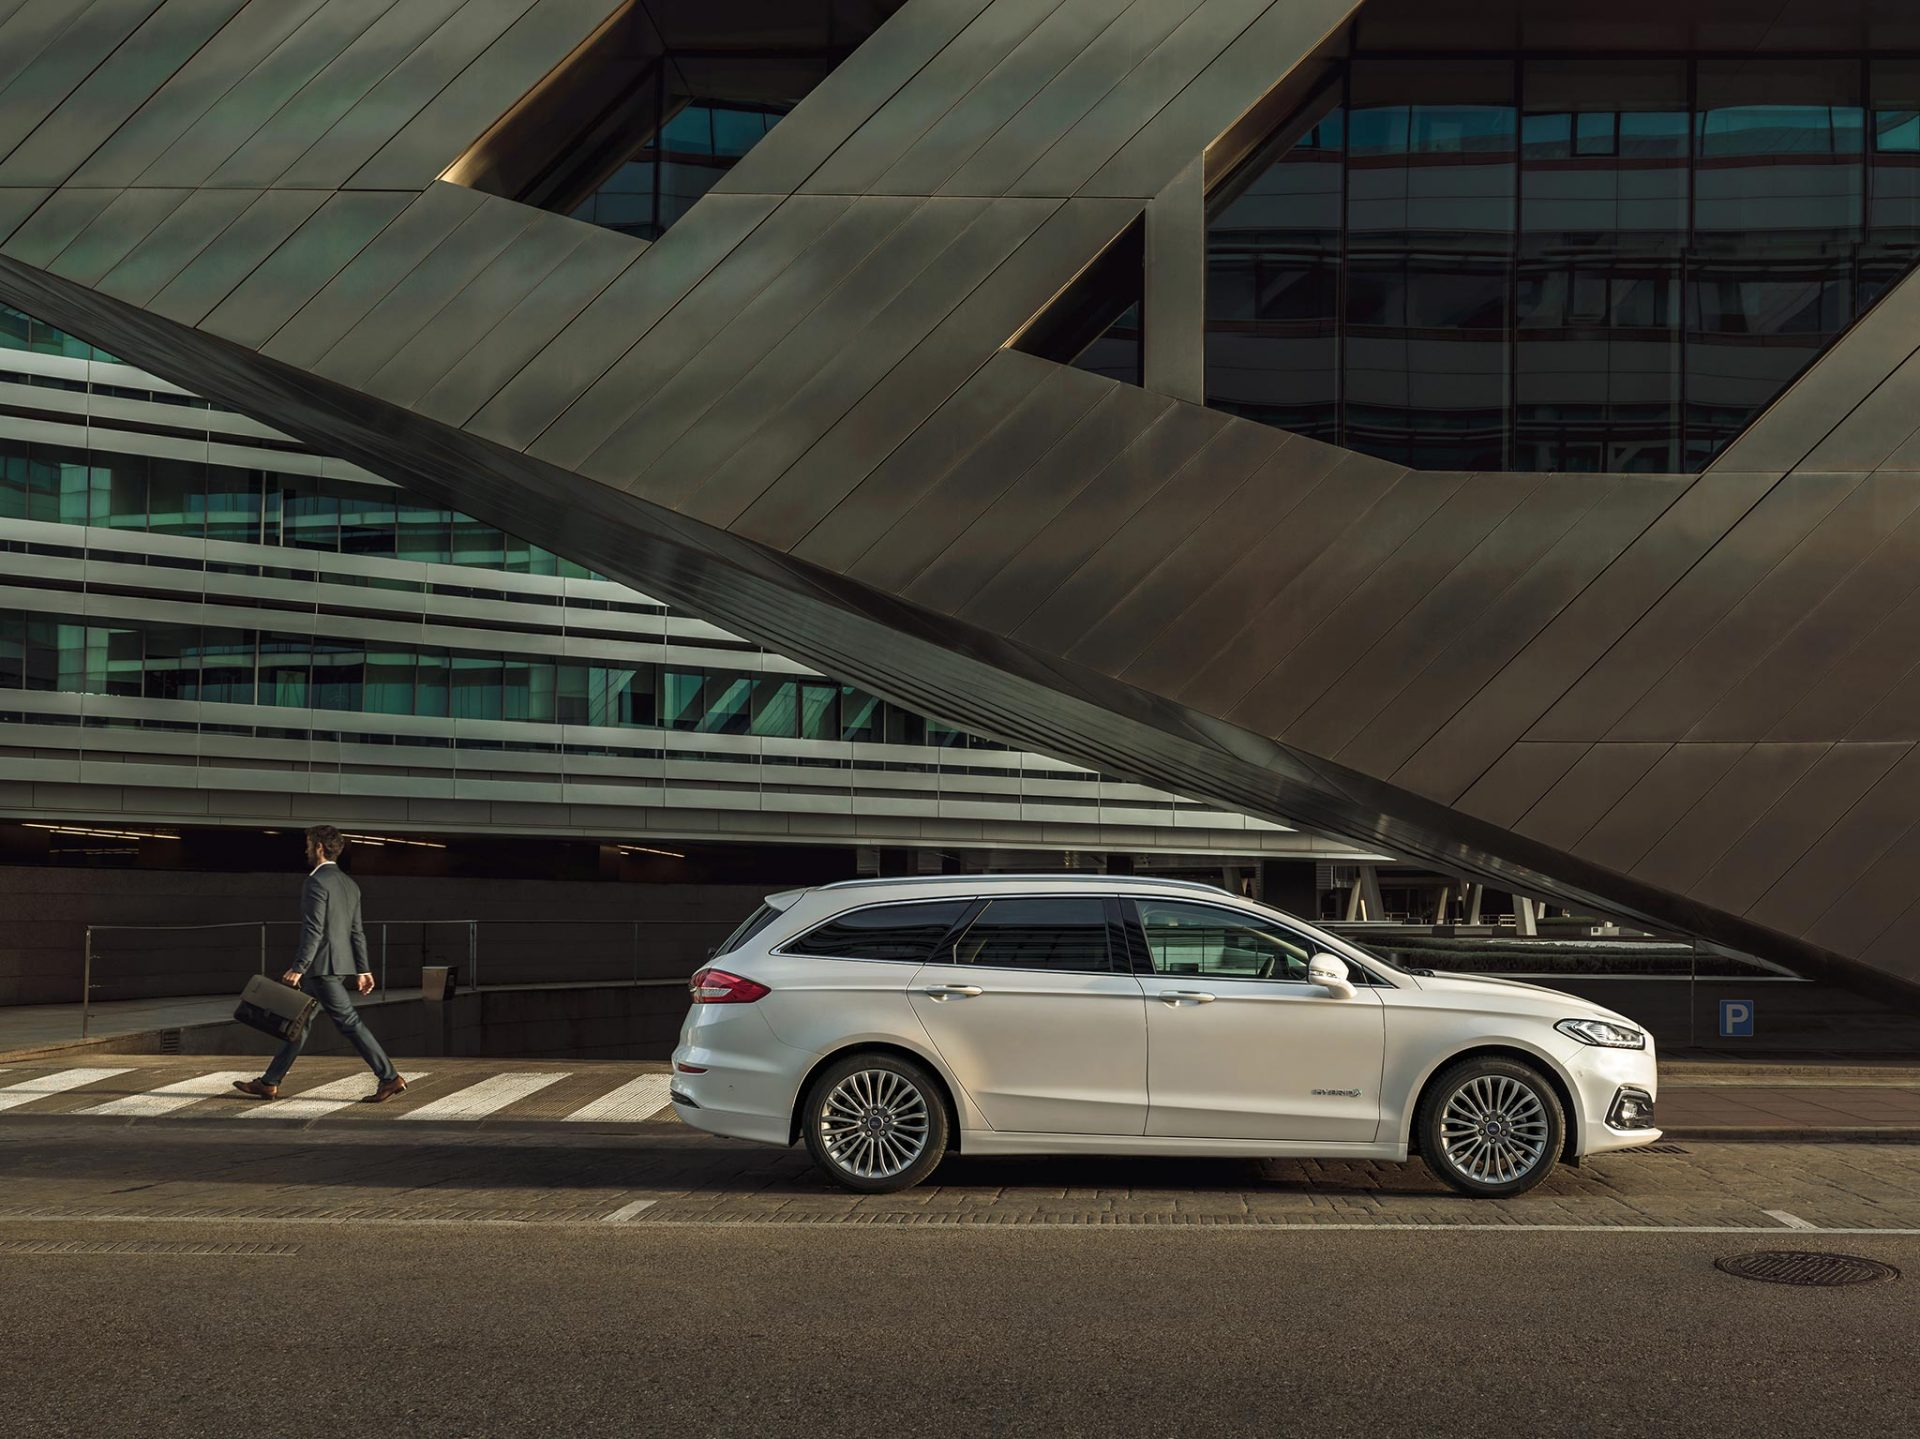 Ny Ford Mondeo Hybrid med mye utstyr - snakk med Bilfokus